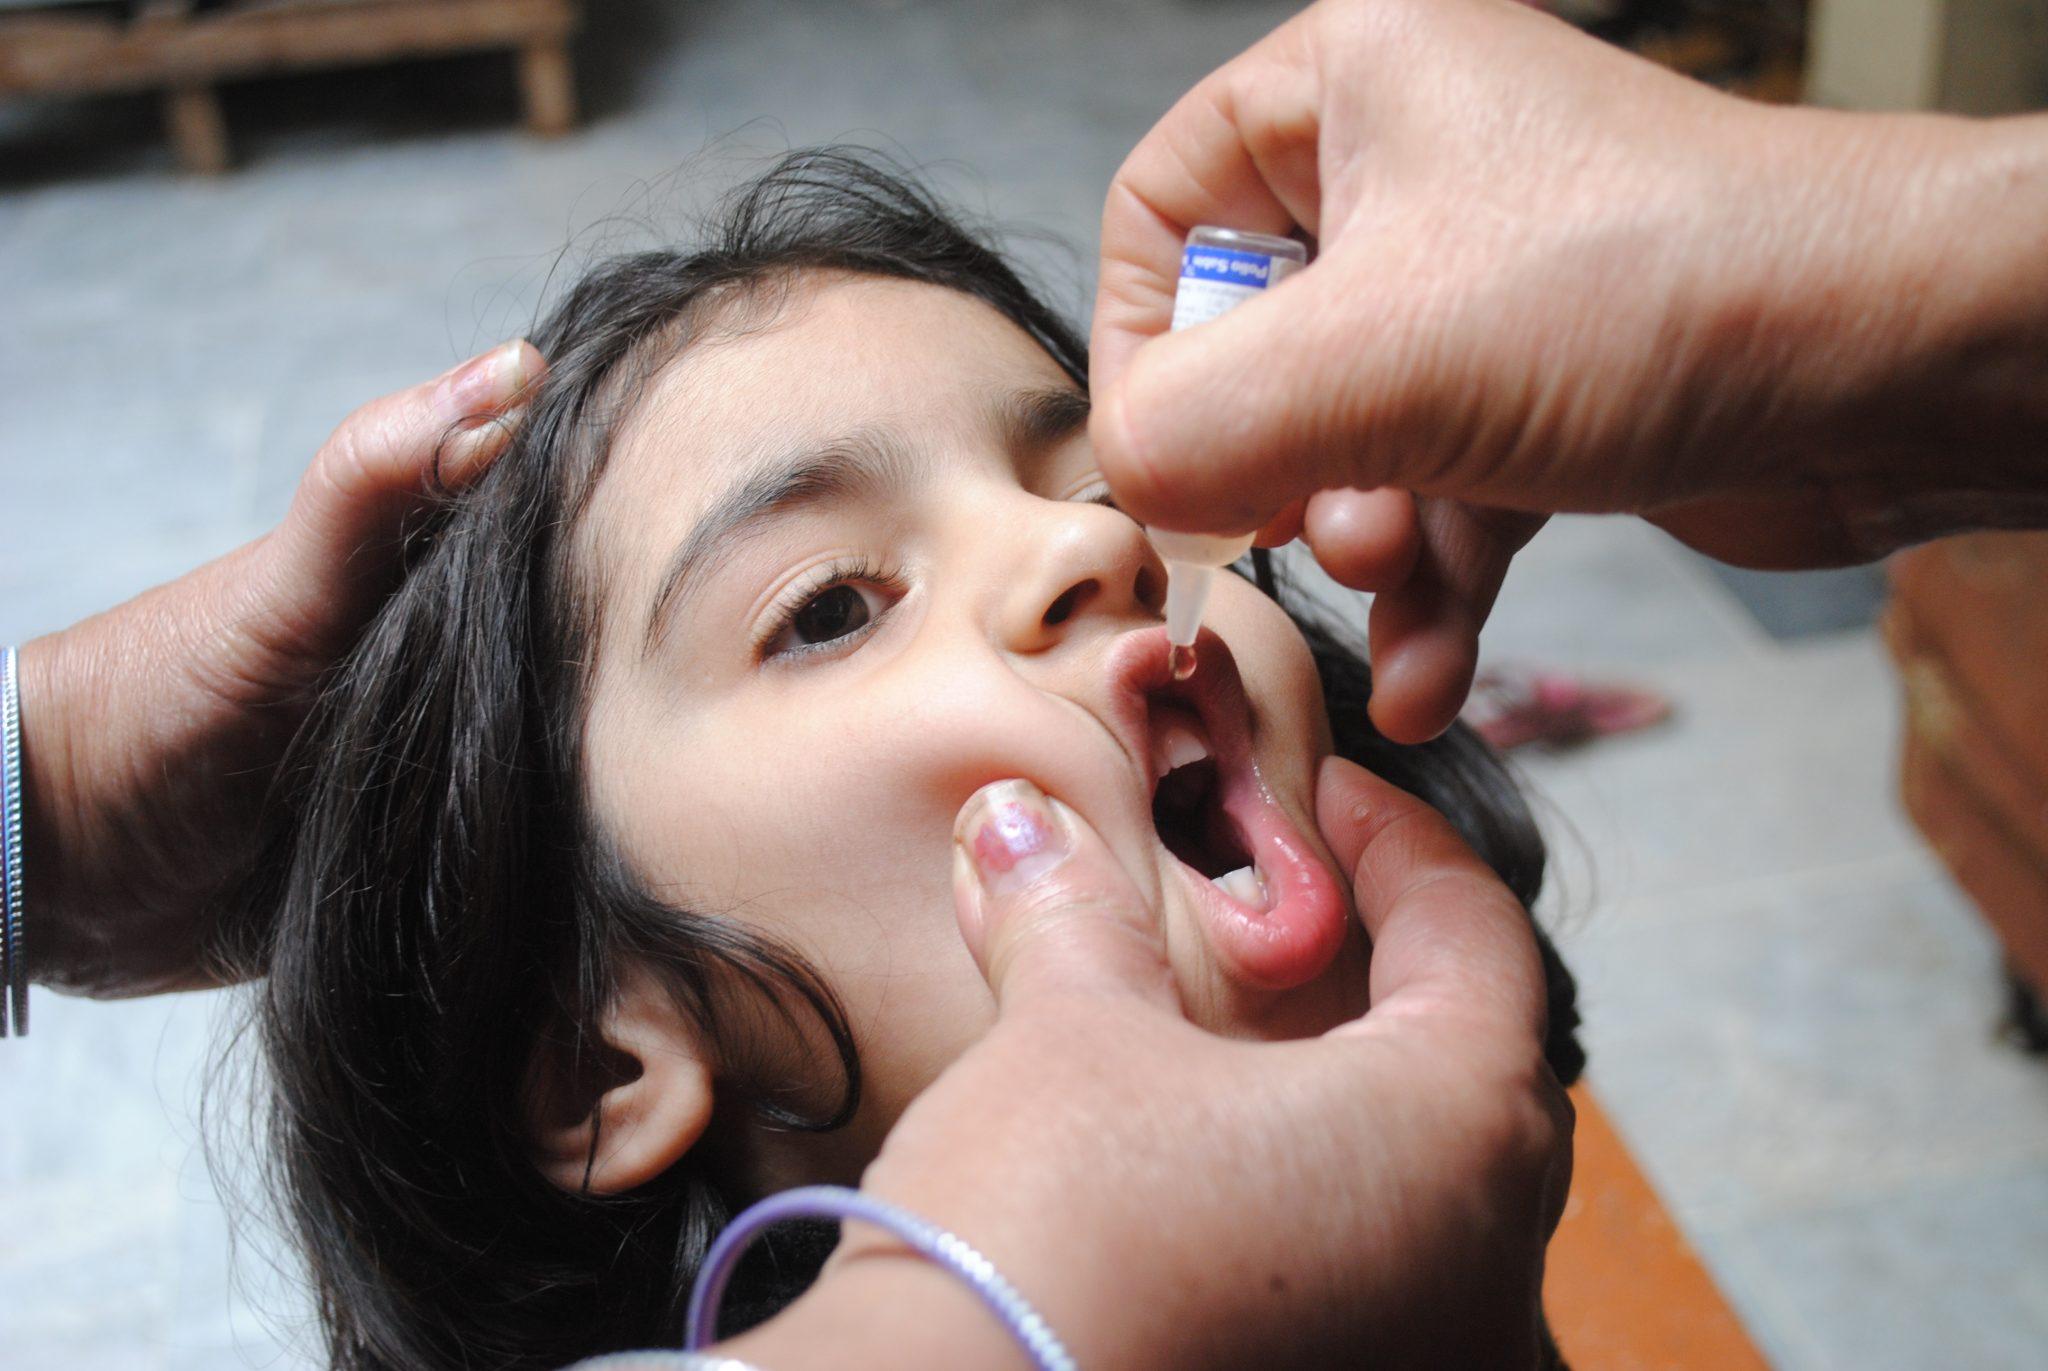 سازمان جهانی بهداشت(WHO) اخیرا اعلام کرده که خودداری از واکسین زدن یکی از بزرگترین خطرات برای صحت انسانی در سطح جهان است